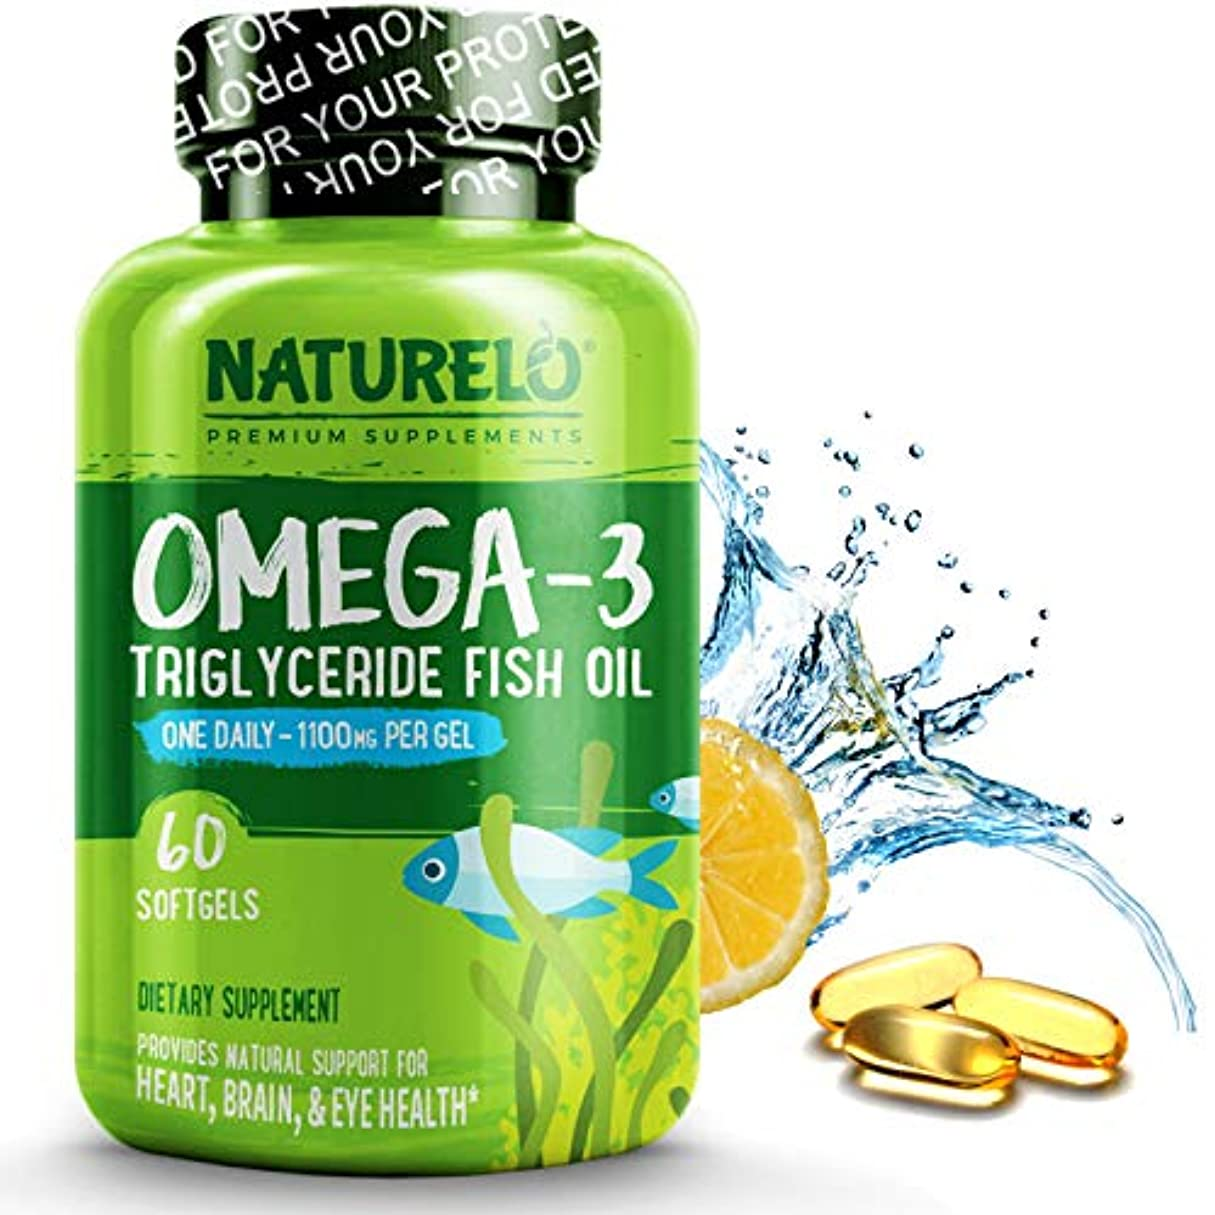 すなわちスチールヘルパーNATURELO プレミアム オメガ3 フィッシュ オイル (60ソフトカプセル) Premium Omega-3 Fish Oil - 1100 mg Triglyceride Omega 3 - High Strength...